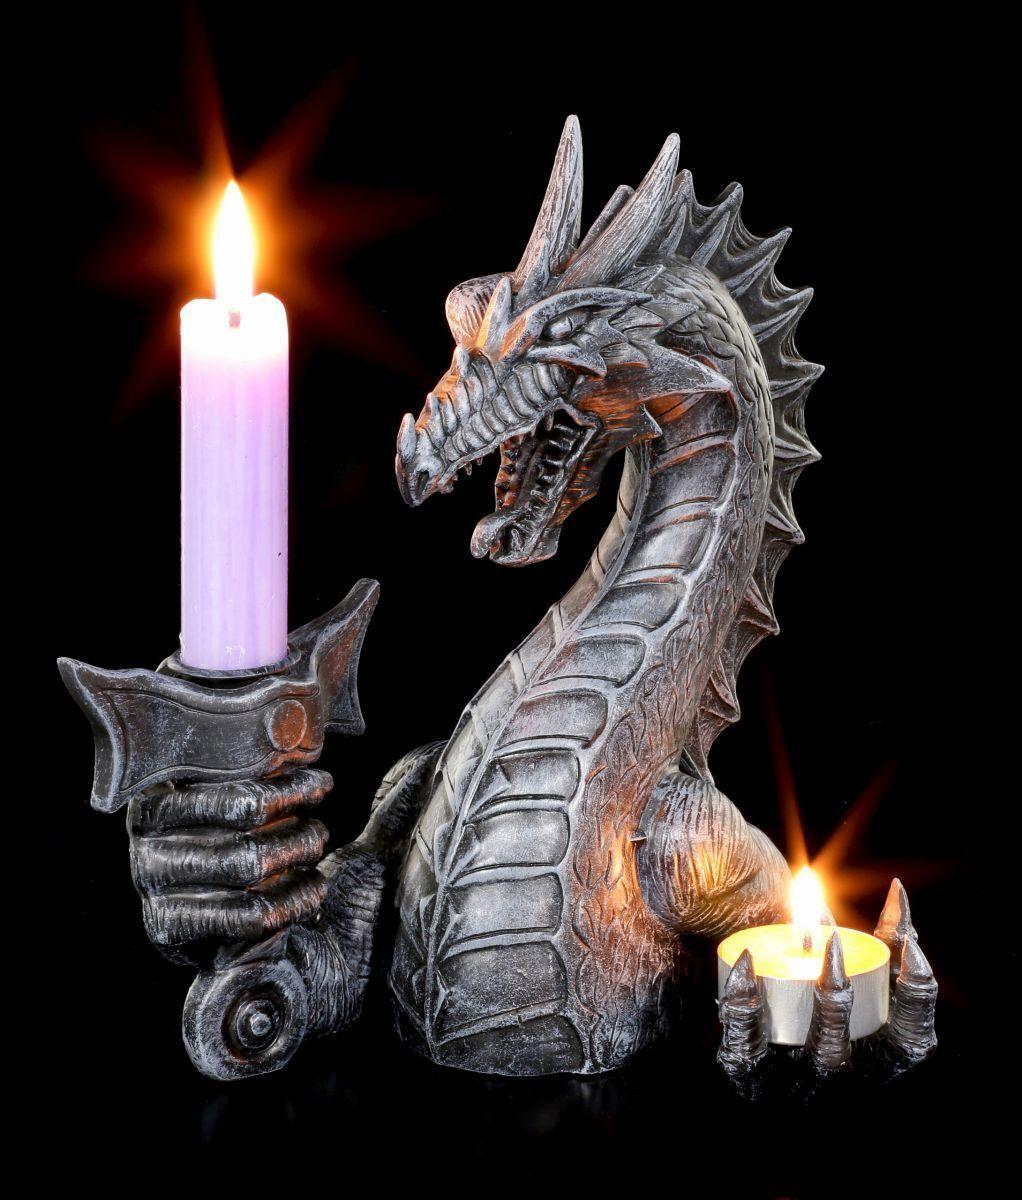 Kerzenständer Gothic Figur Fantasy Deko Drachen Teelichthalter rechts